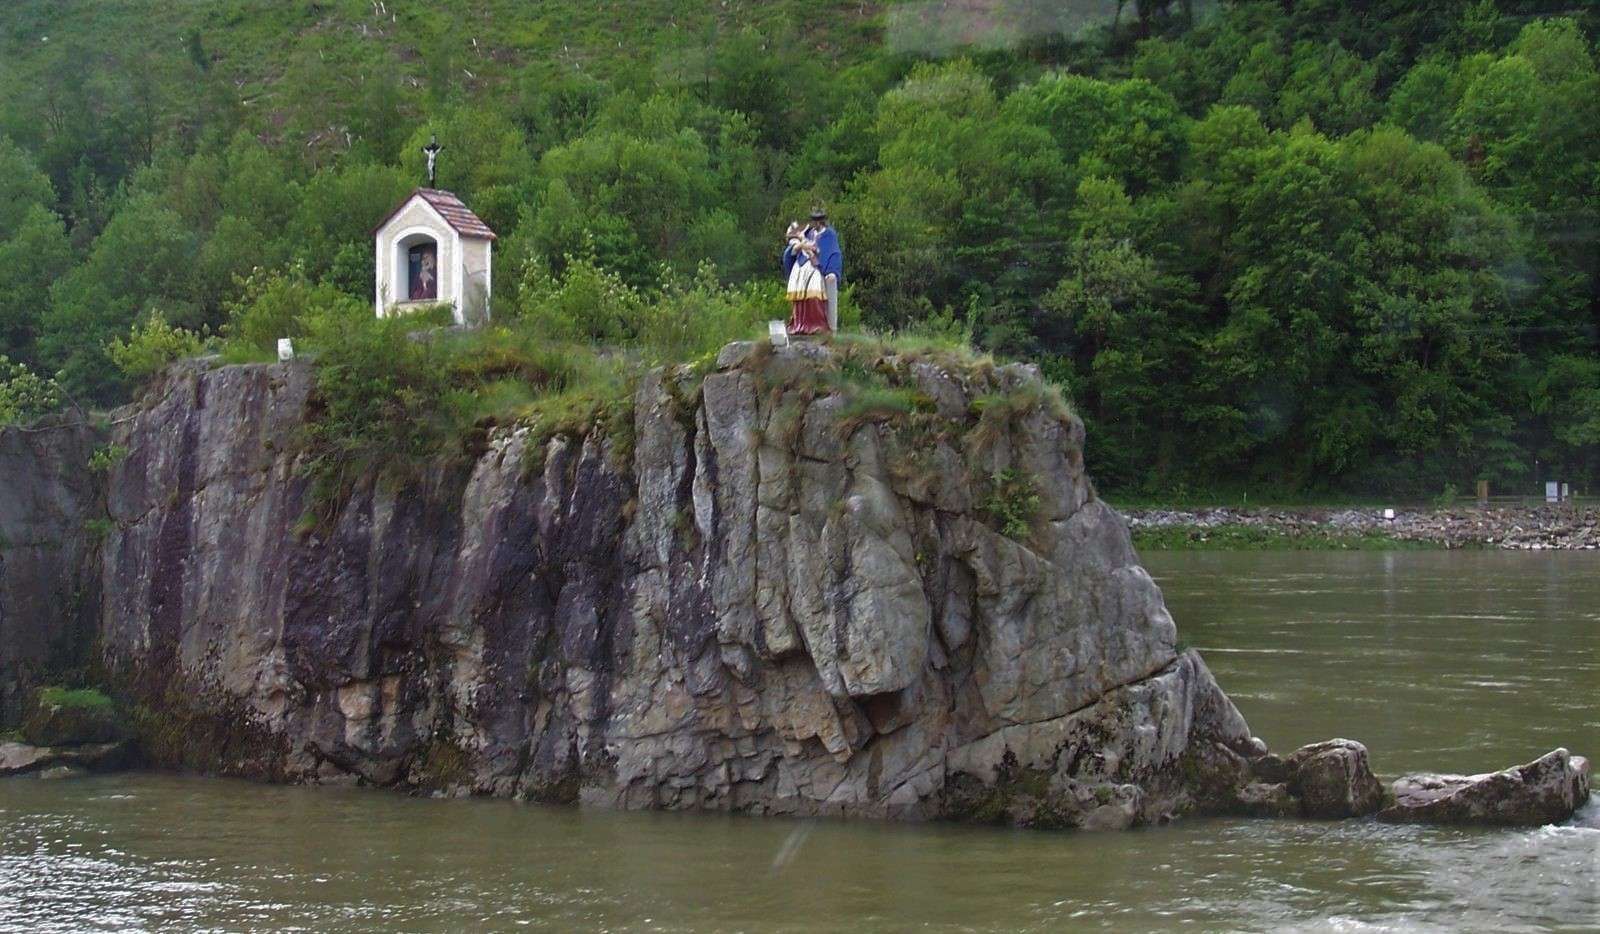 Jochenstein in der Donau, östlich von Passau